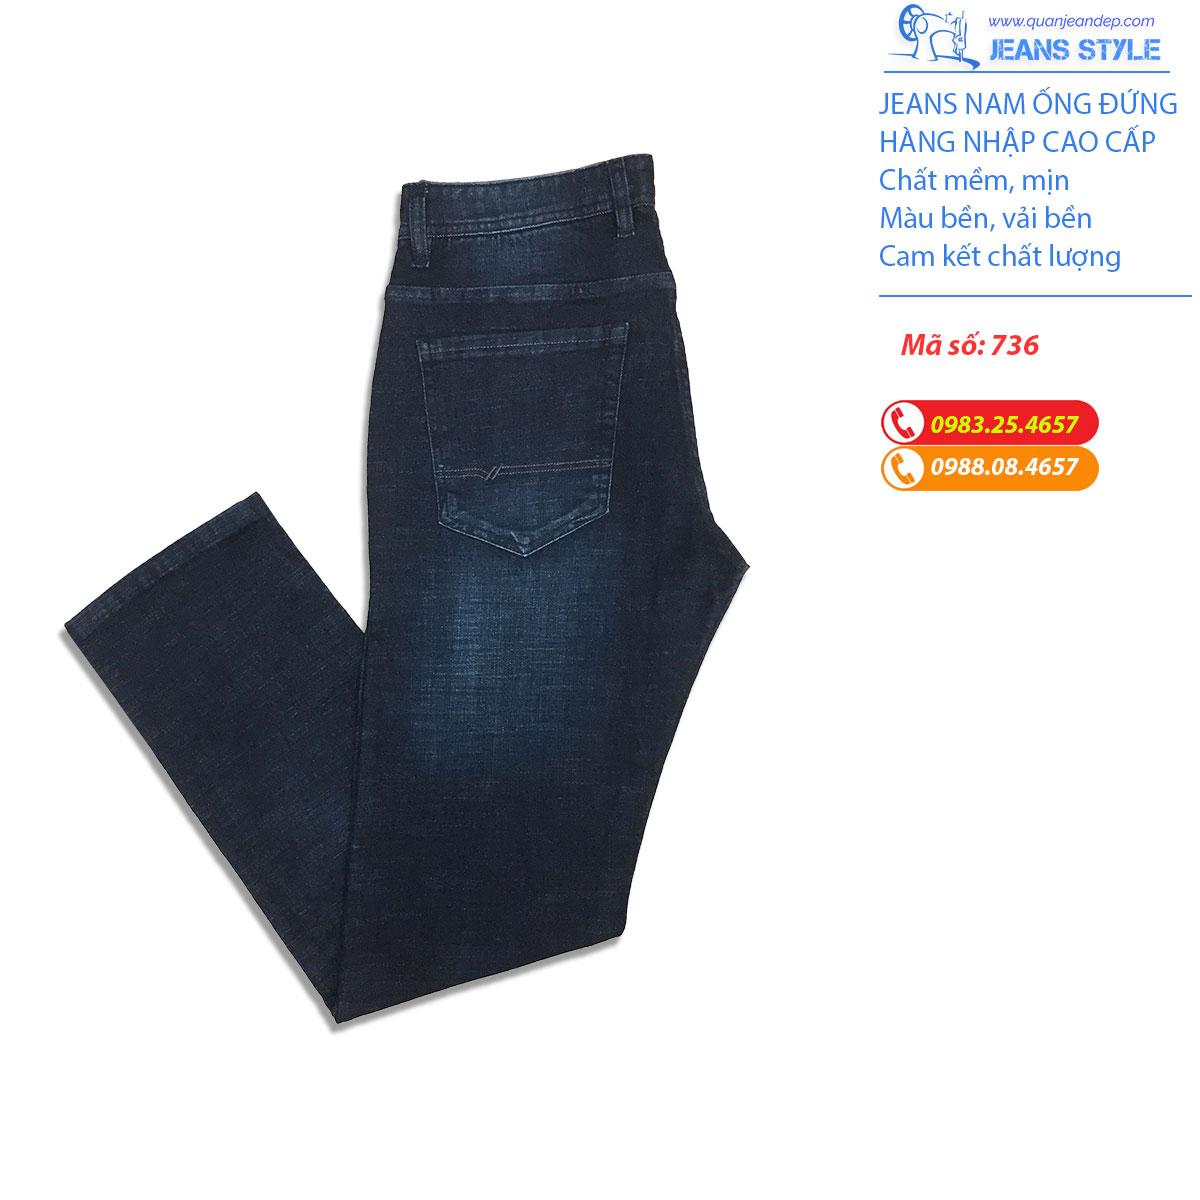 Quần Jeans nam túi chéo, dáng đứng 736 Giá:530.000,00 ₫